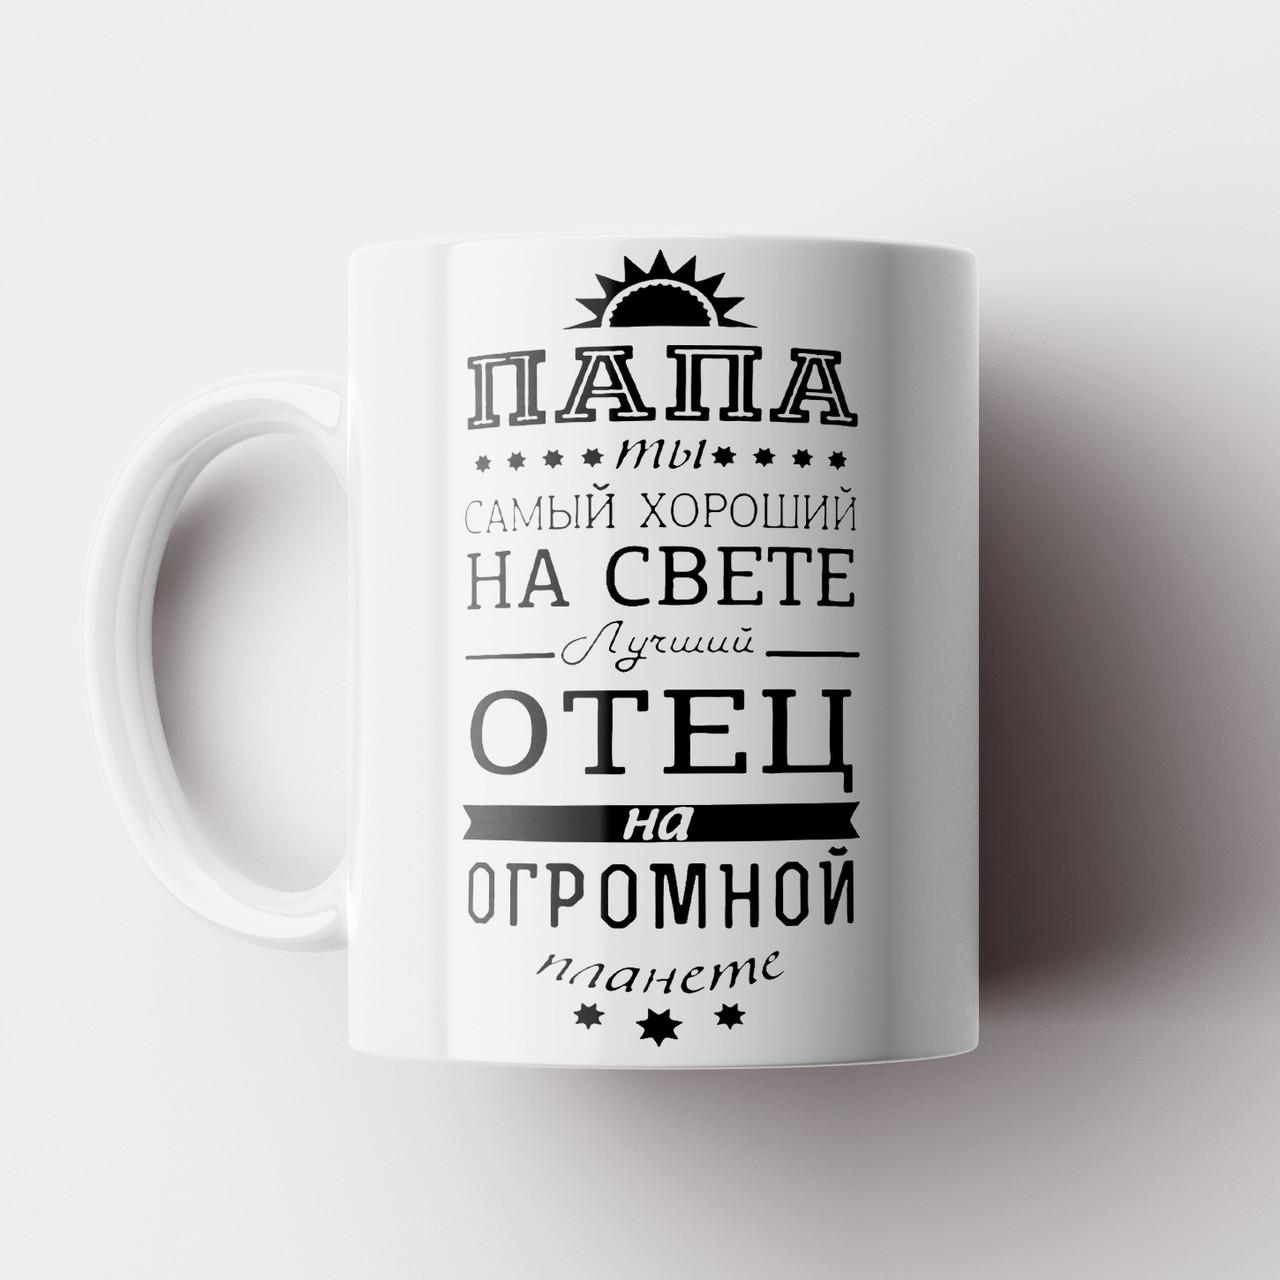 Чашка подарунок Татові. Чашка з принтом Найкращий Батько. Чашка з фото